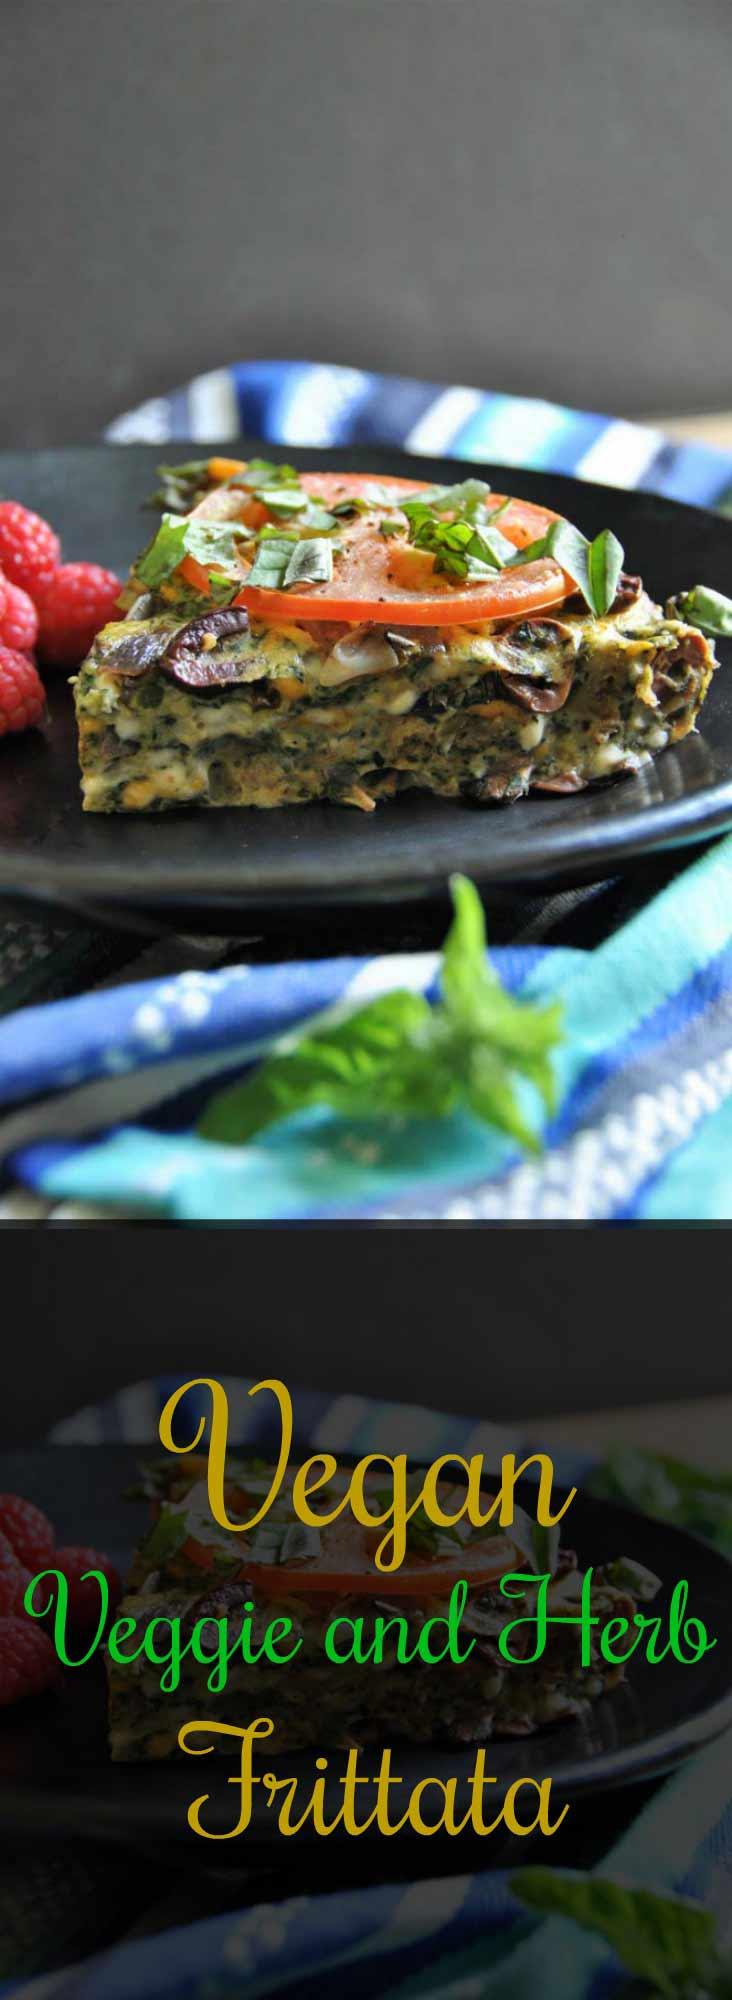 Vegan vegetable and herb frittata for breakfast, lunch, or dinner!